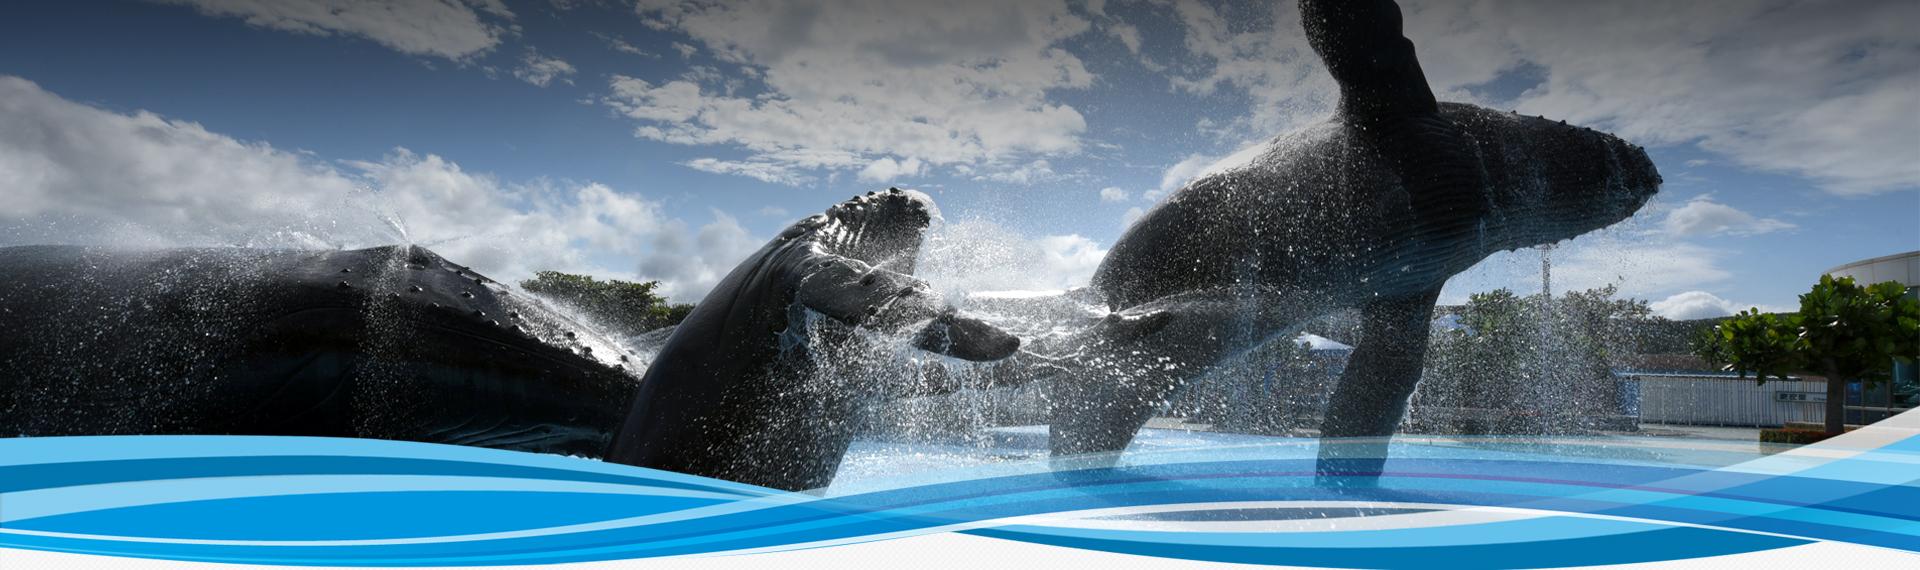 可能是最後一次? 日船出發前往南極海「科研」捕鯨